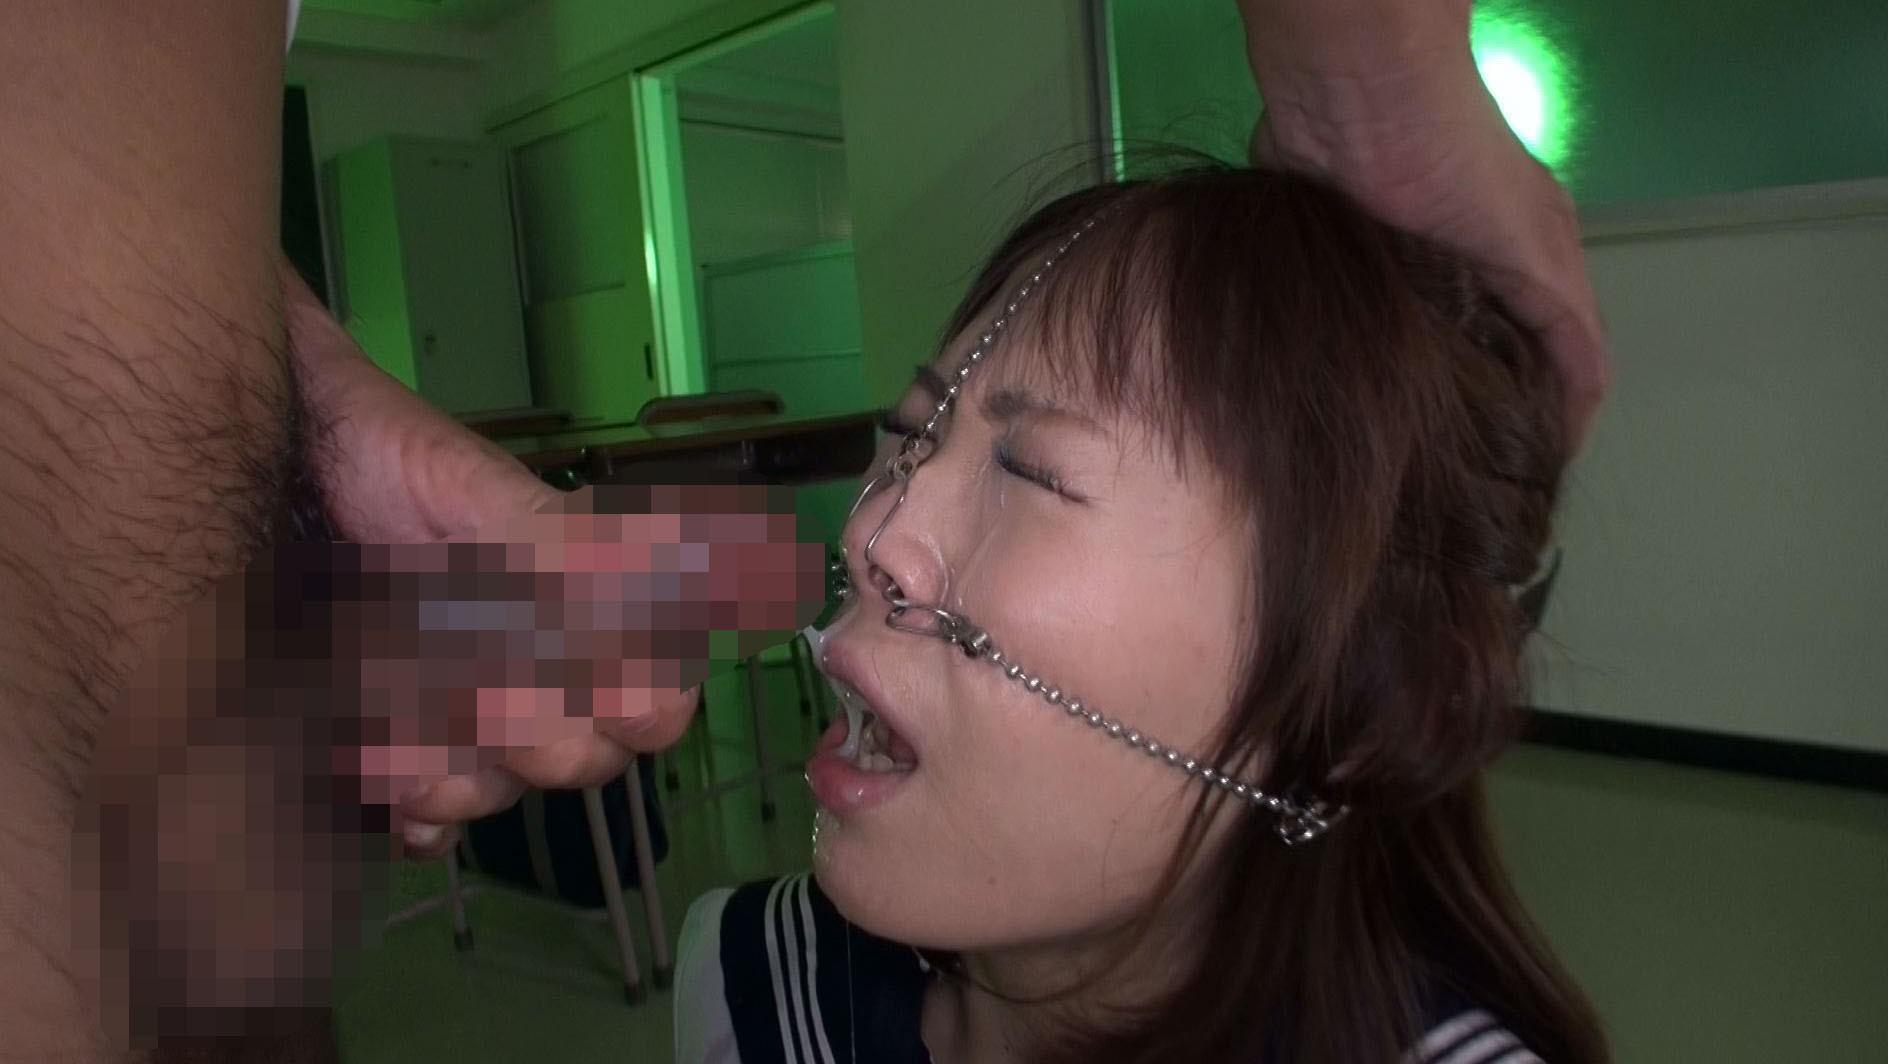 豚鼻フェラ 画像7